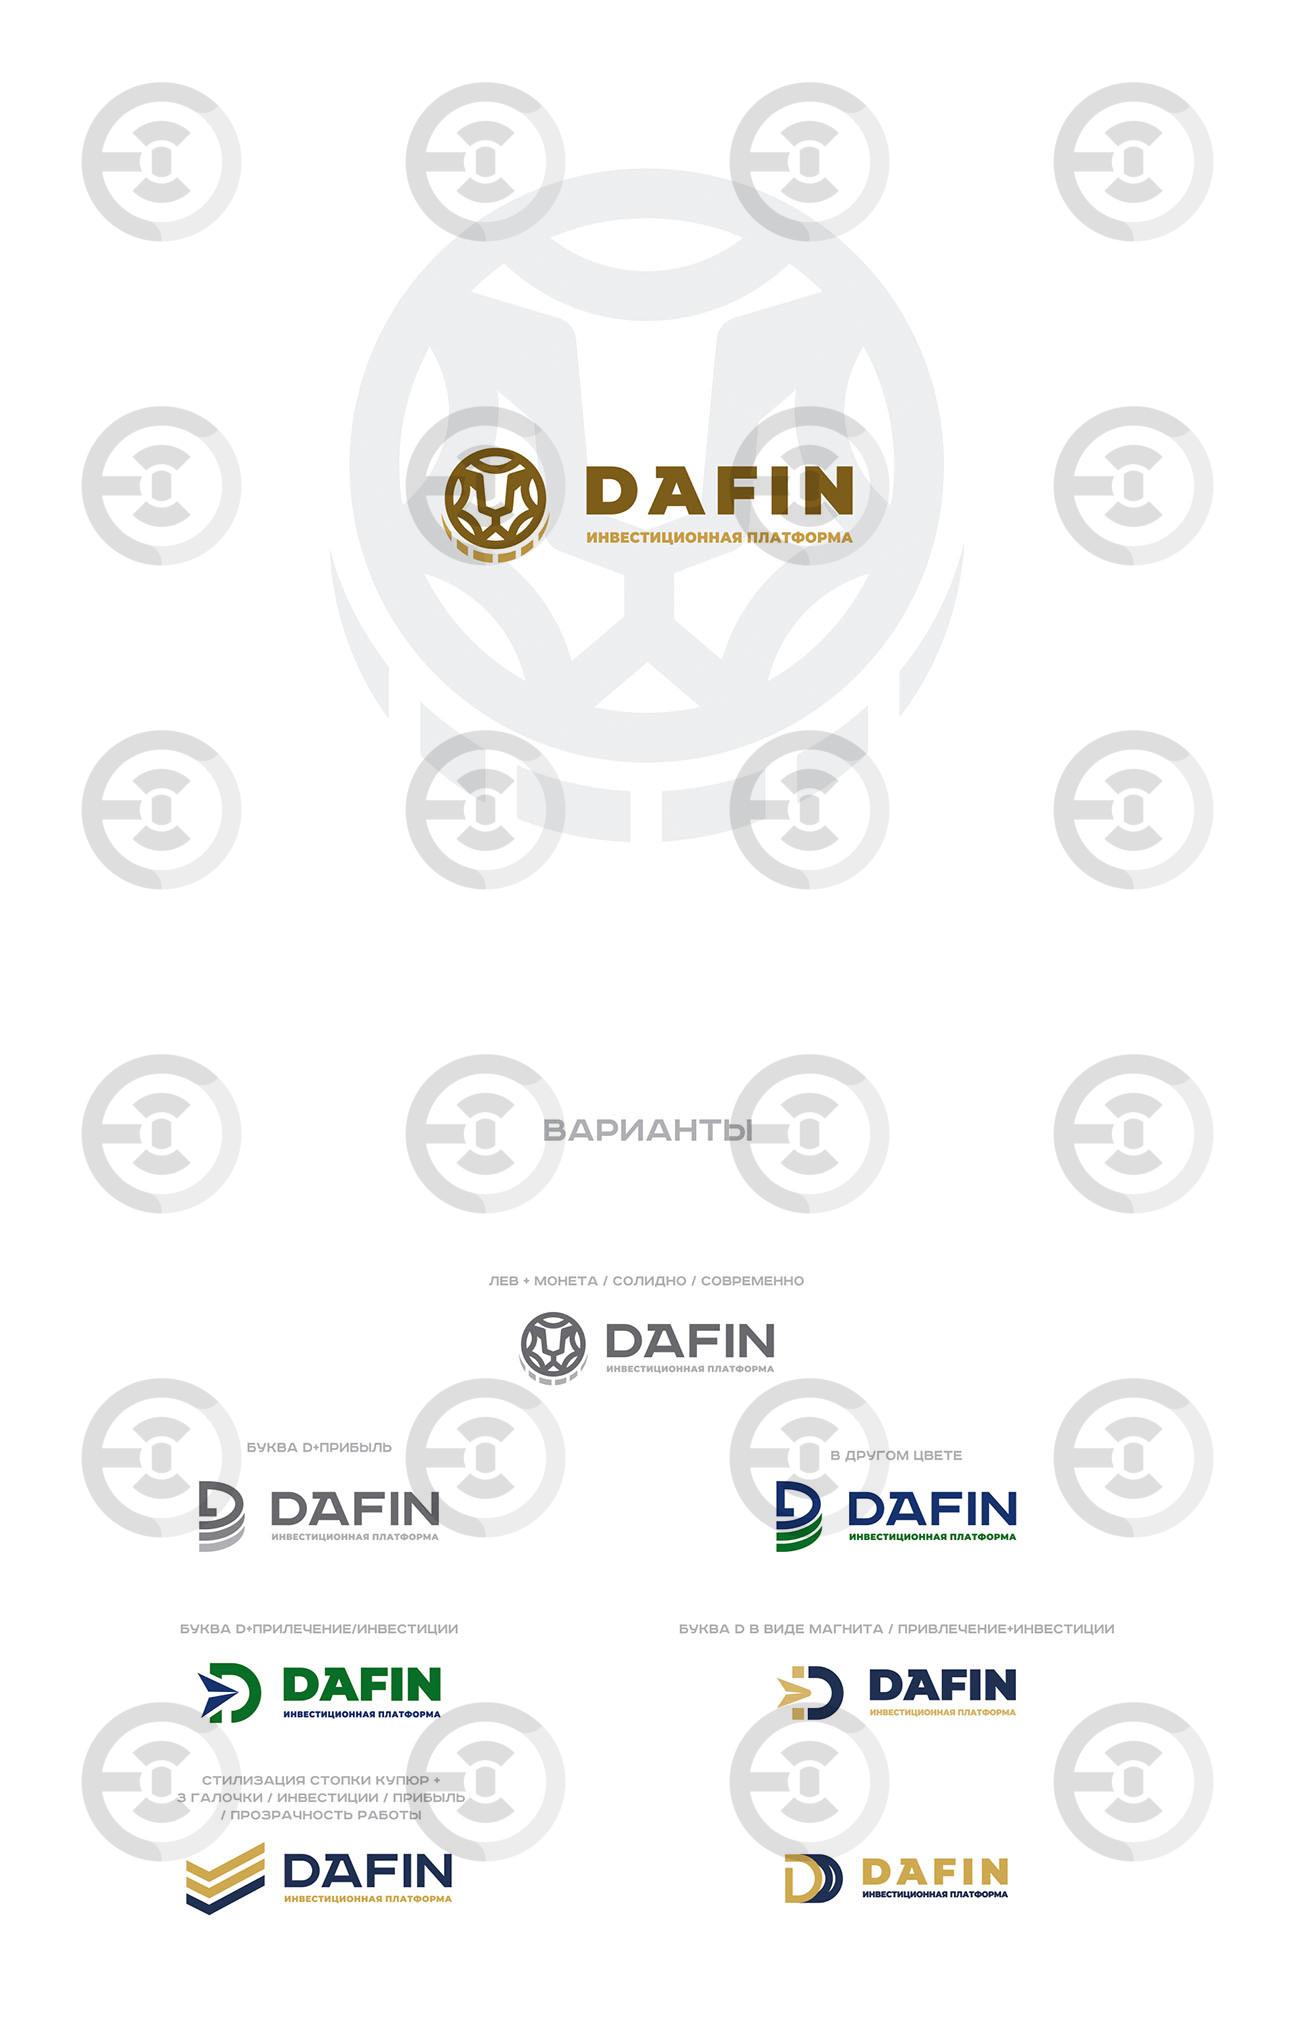 DAFIN.jpg